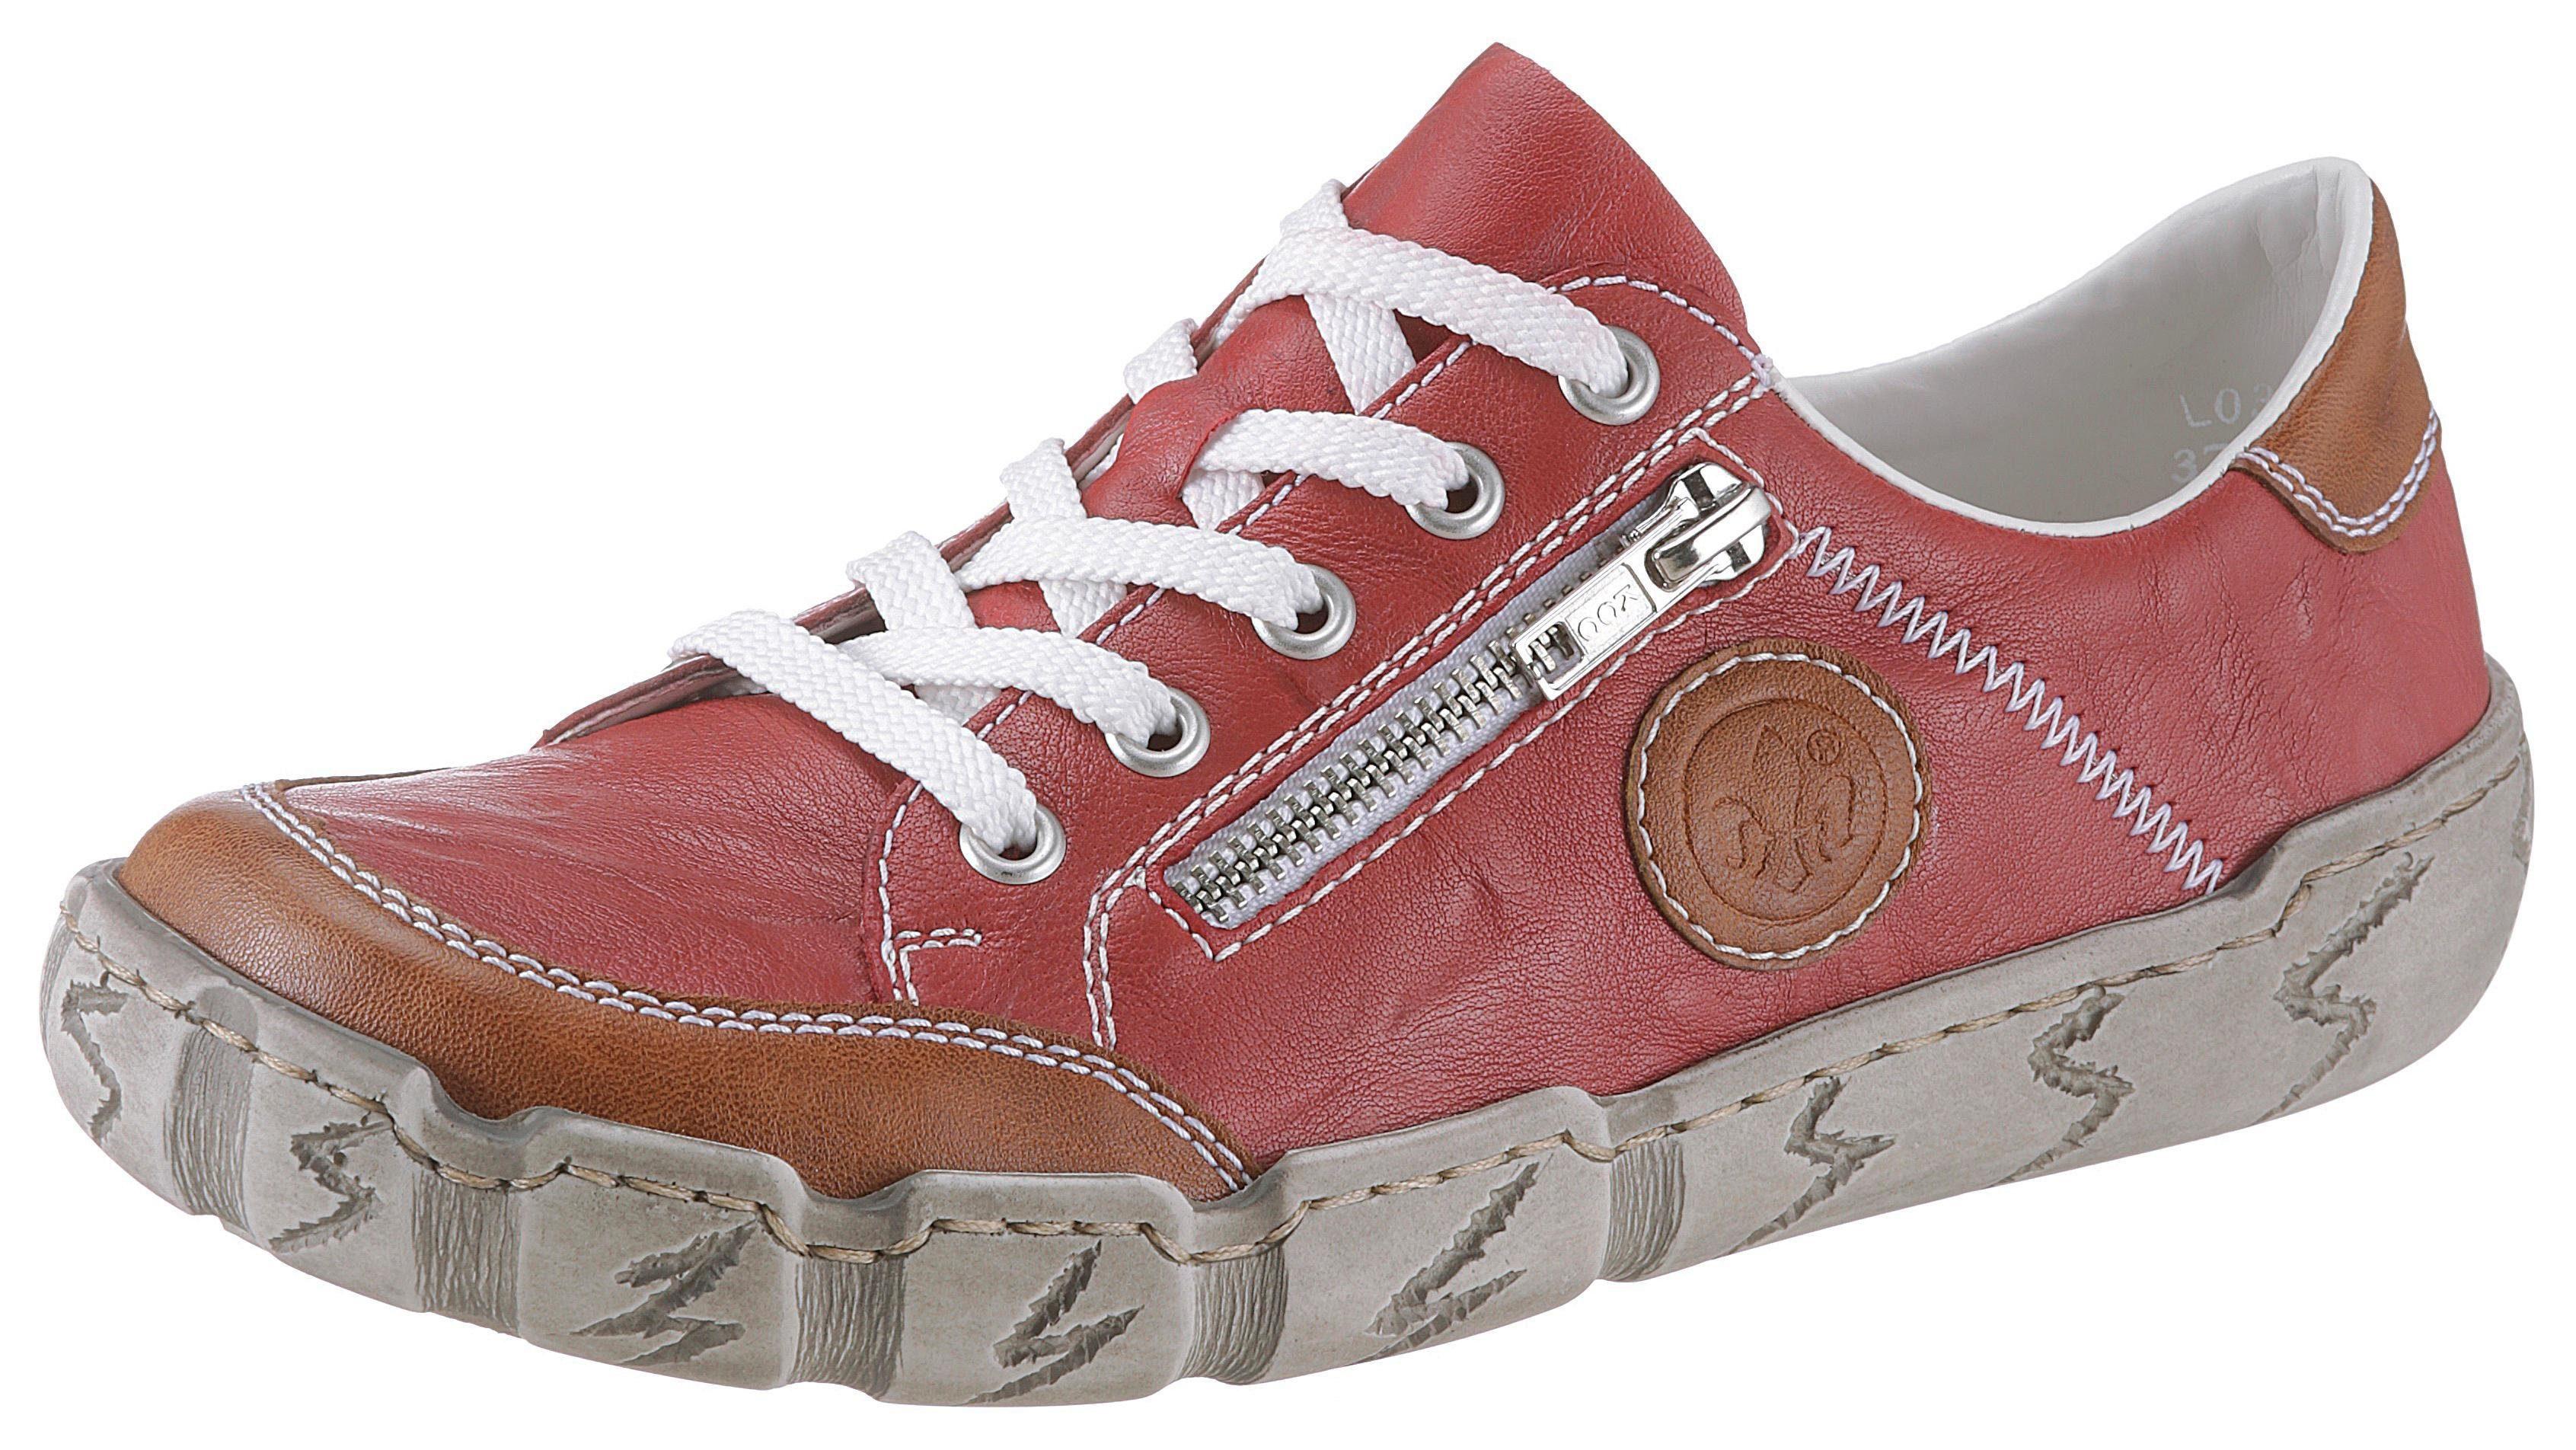 Rieker Sneaker mit Zierreißverschluss, Weich gepolsterter